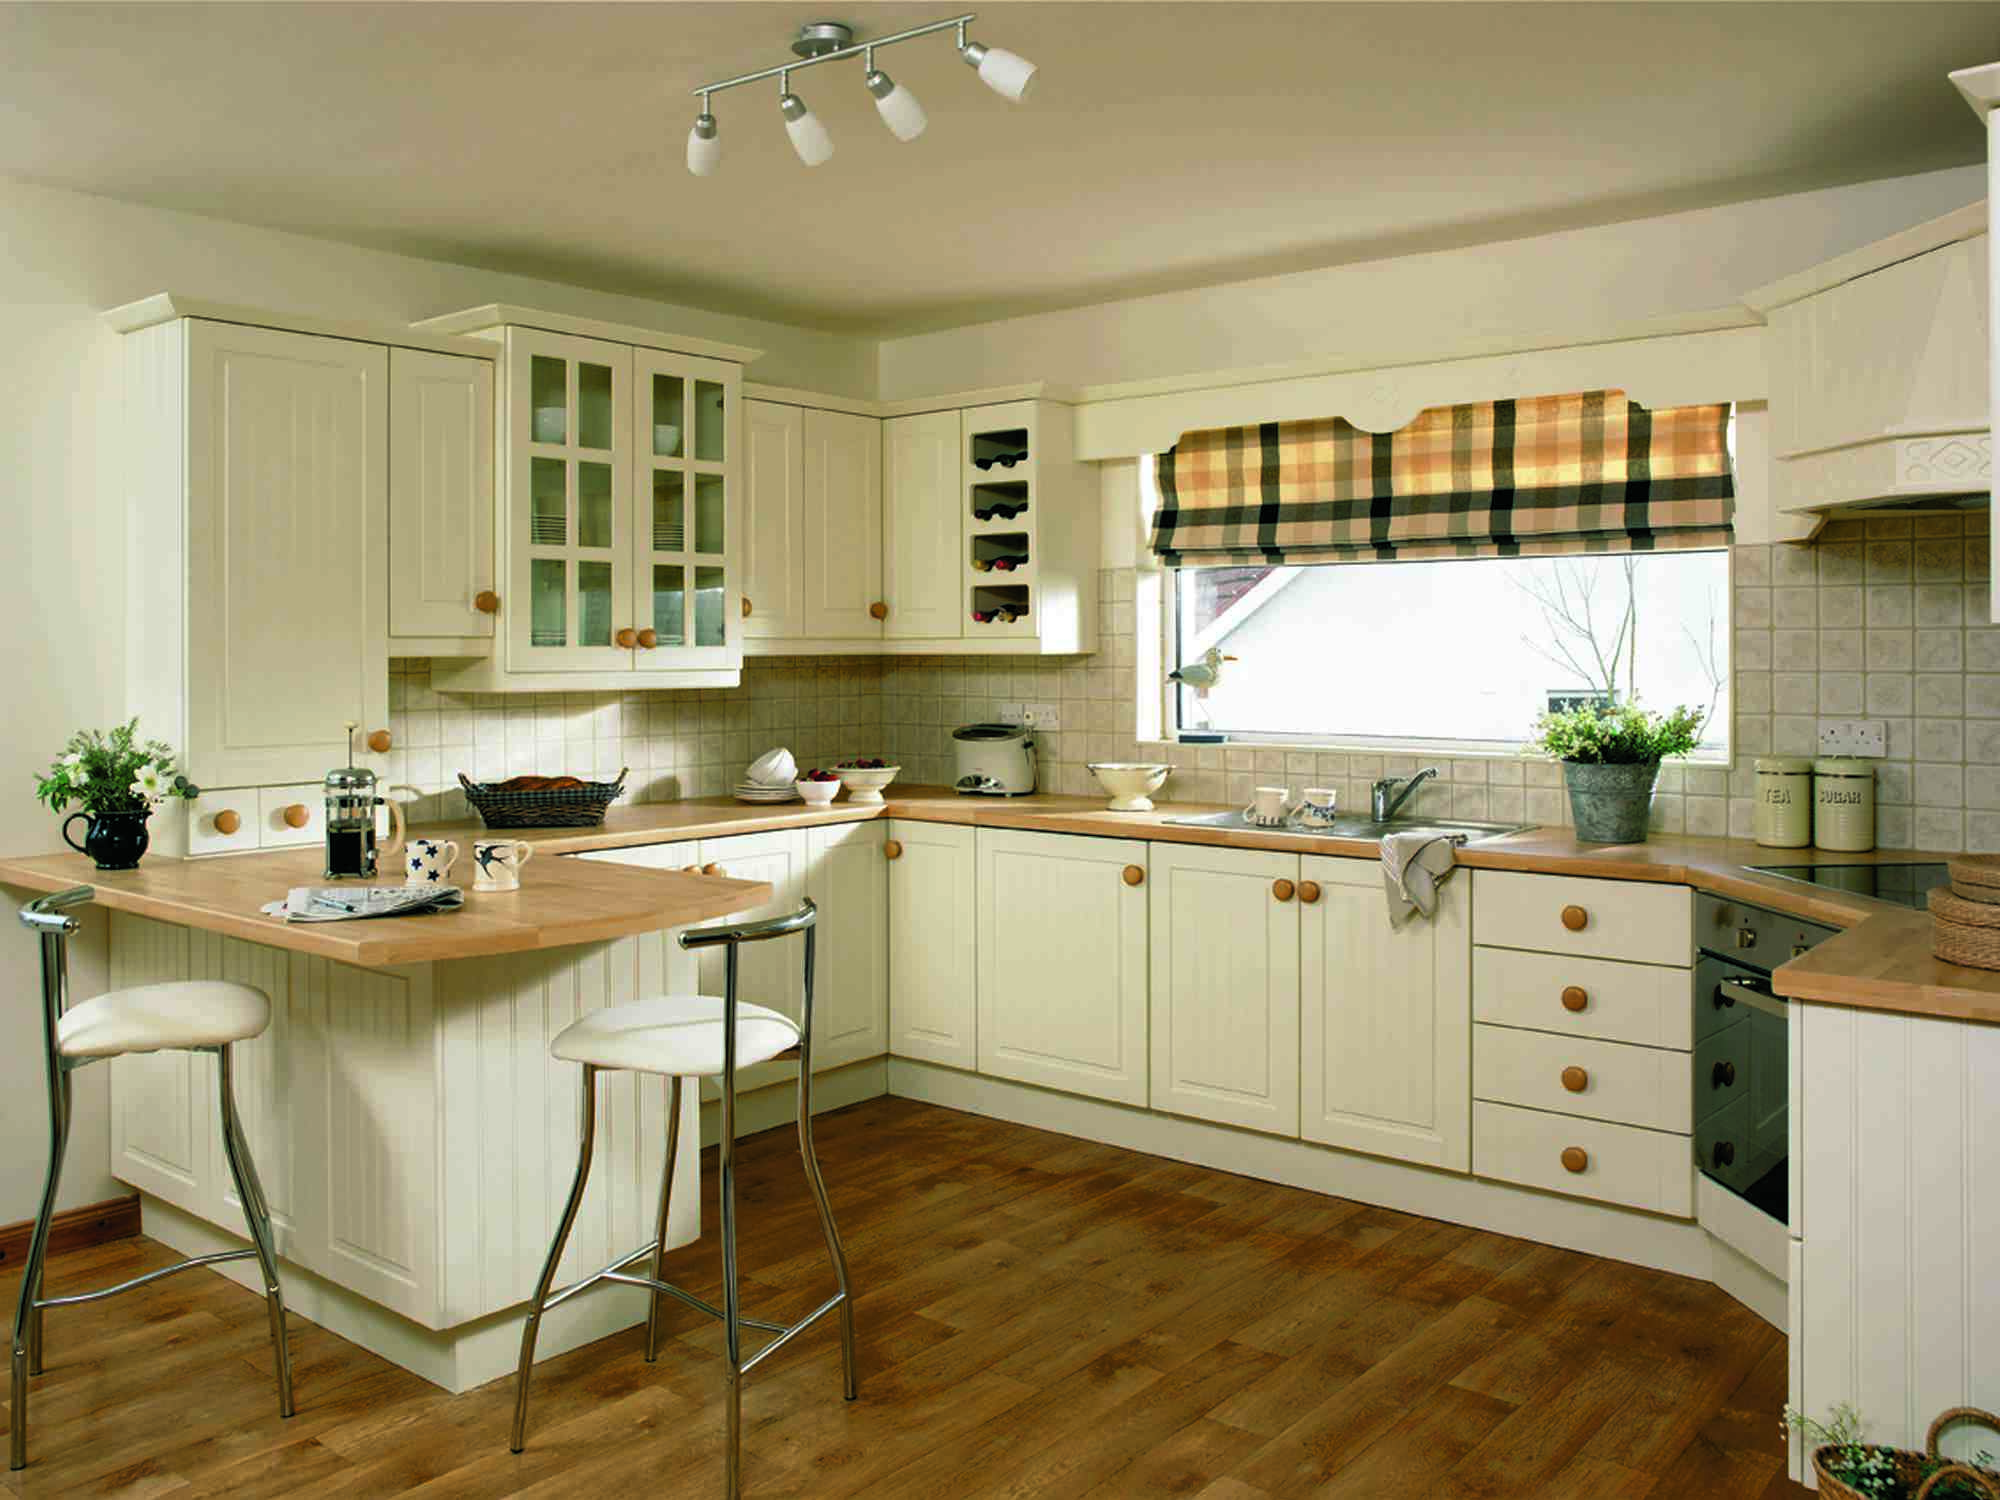 Дизайн кухни в частном доме с окном